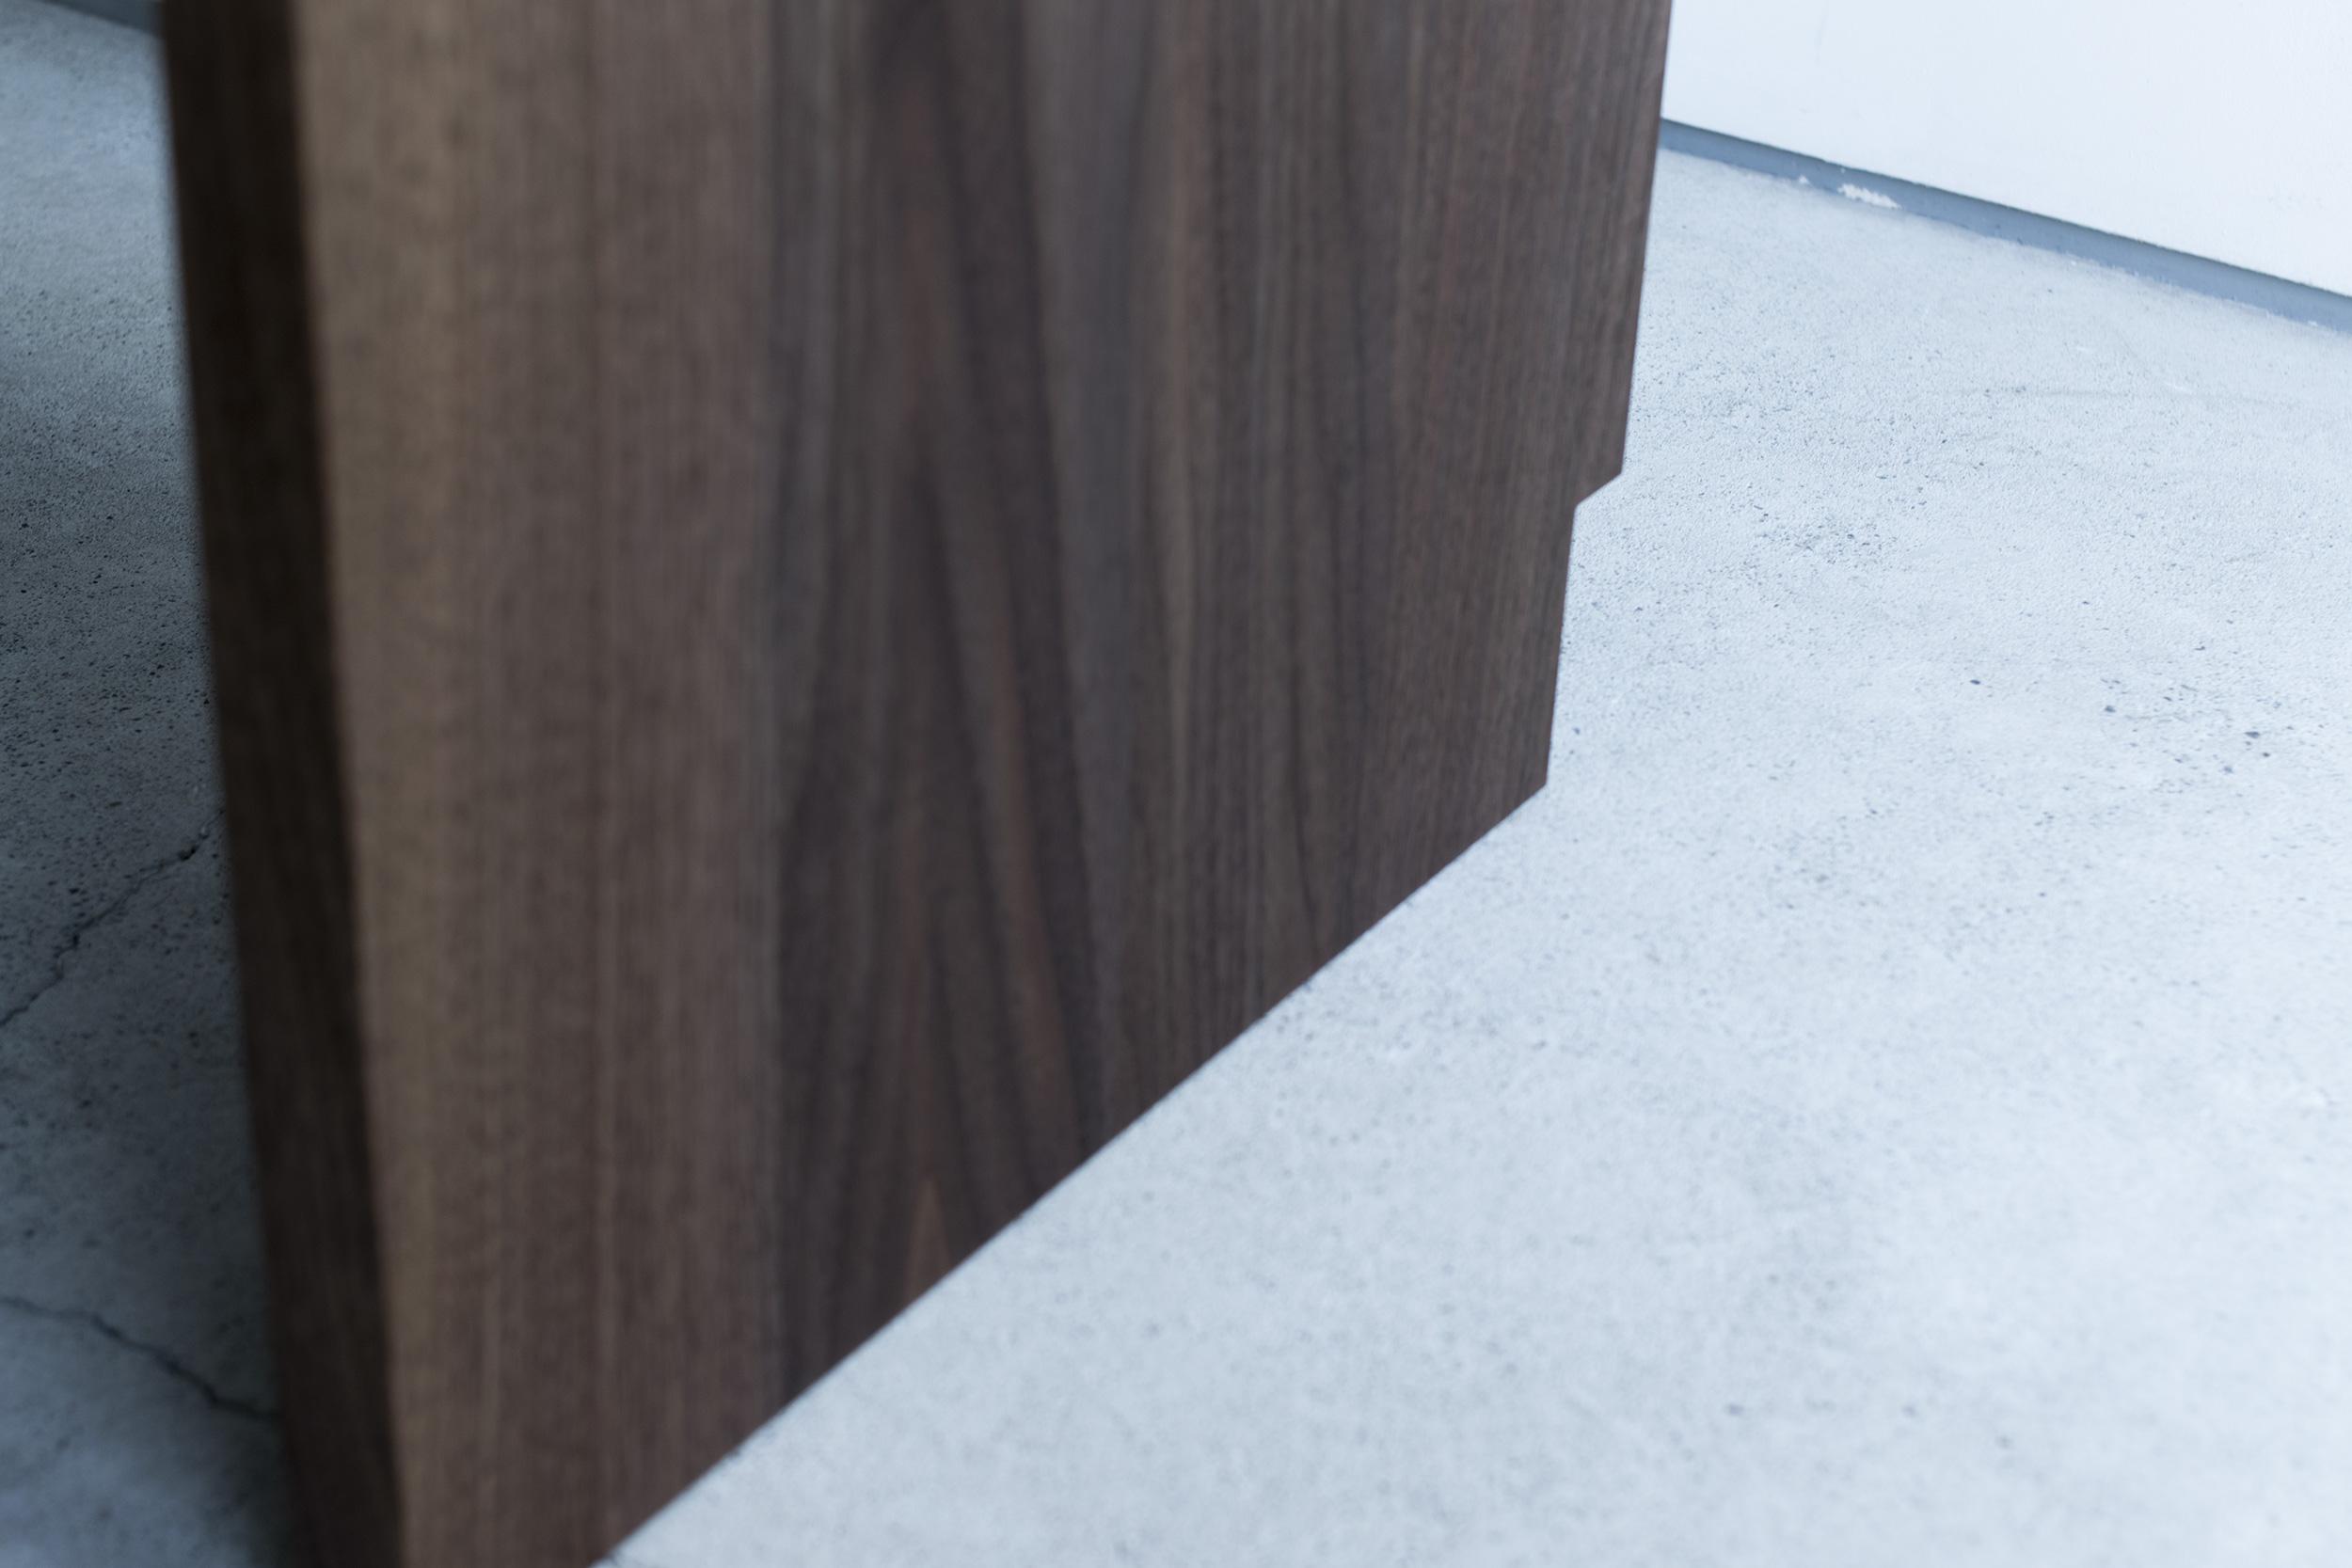 オーダーコの字型 ウォールナット材 テレビボード 木口年輪